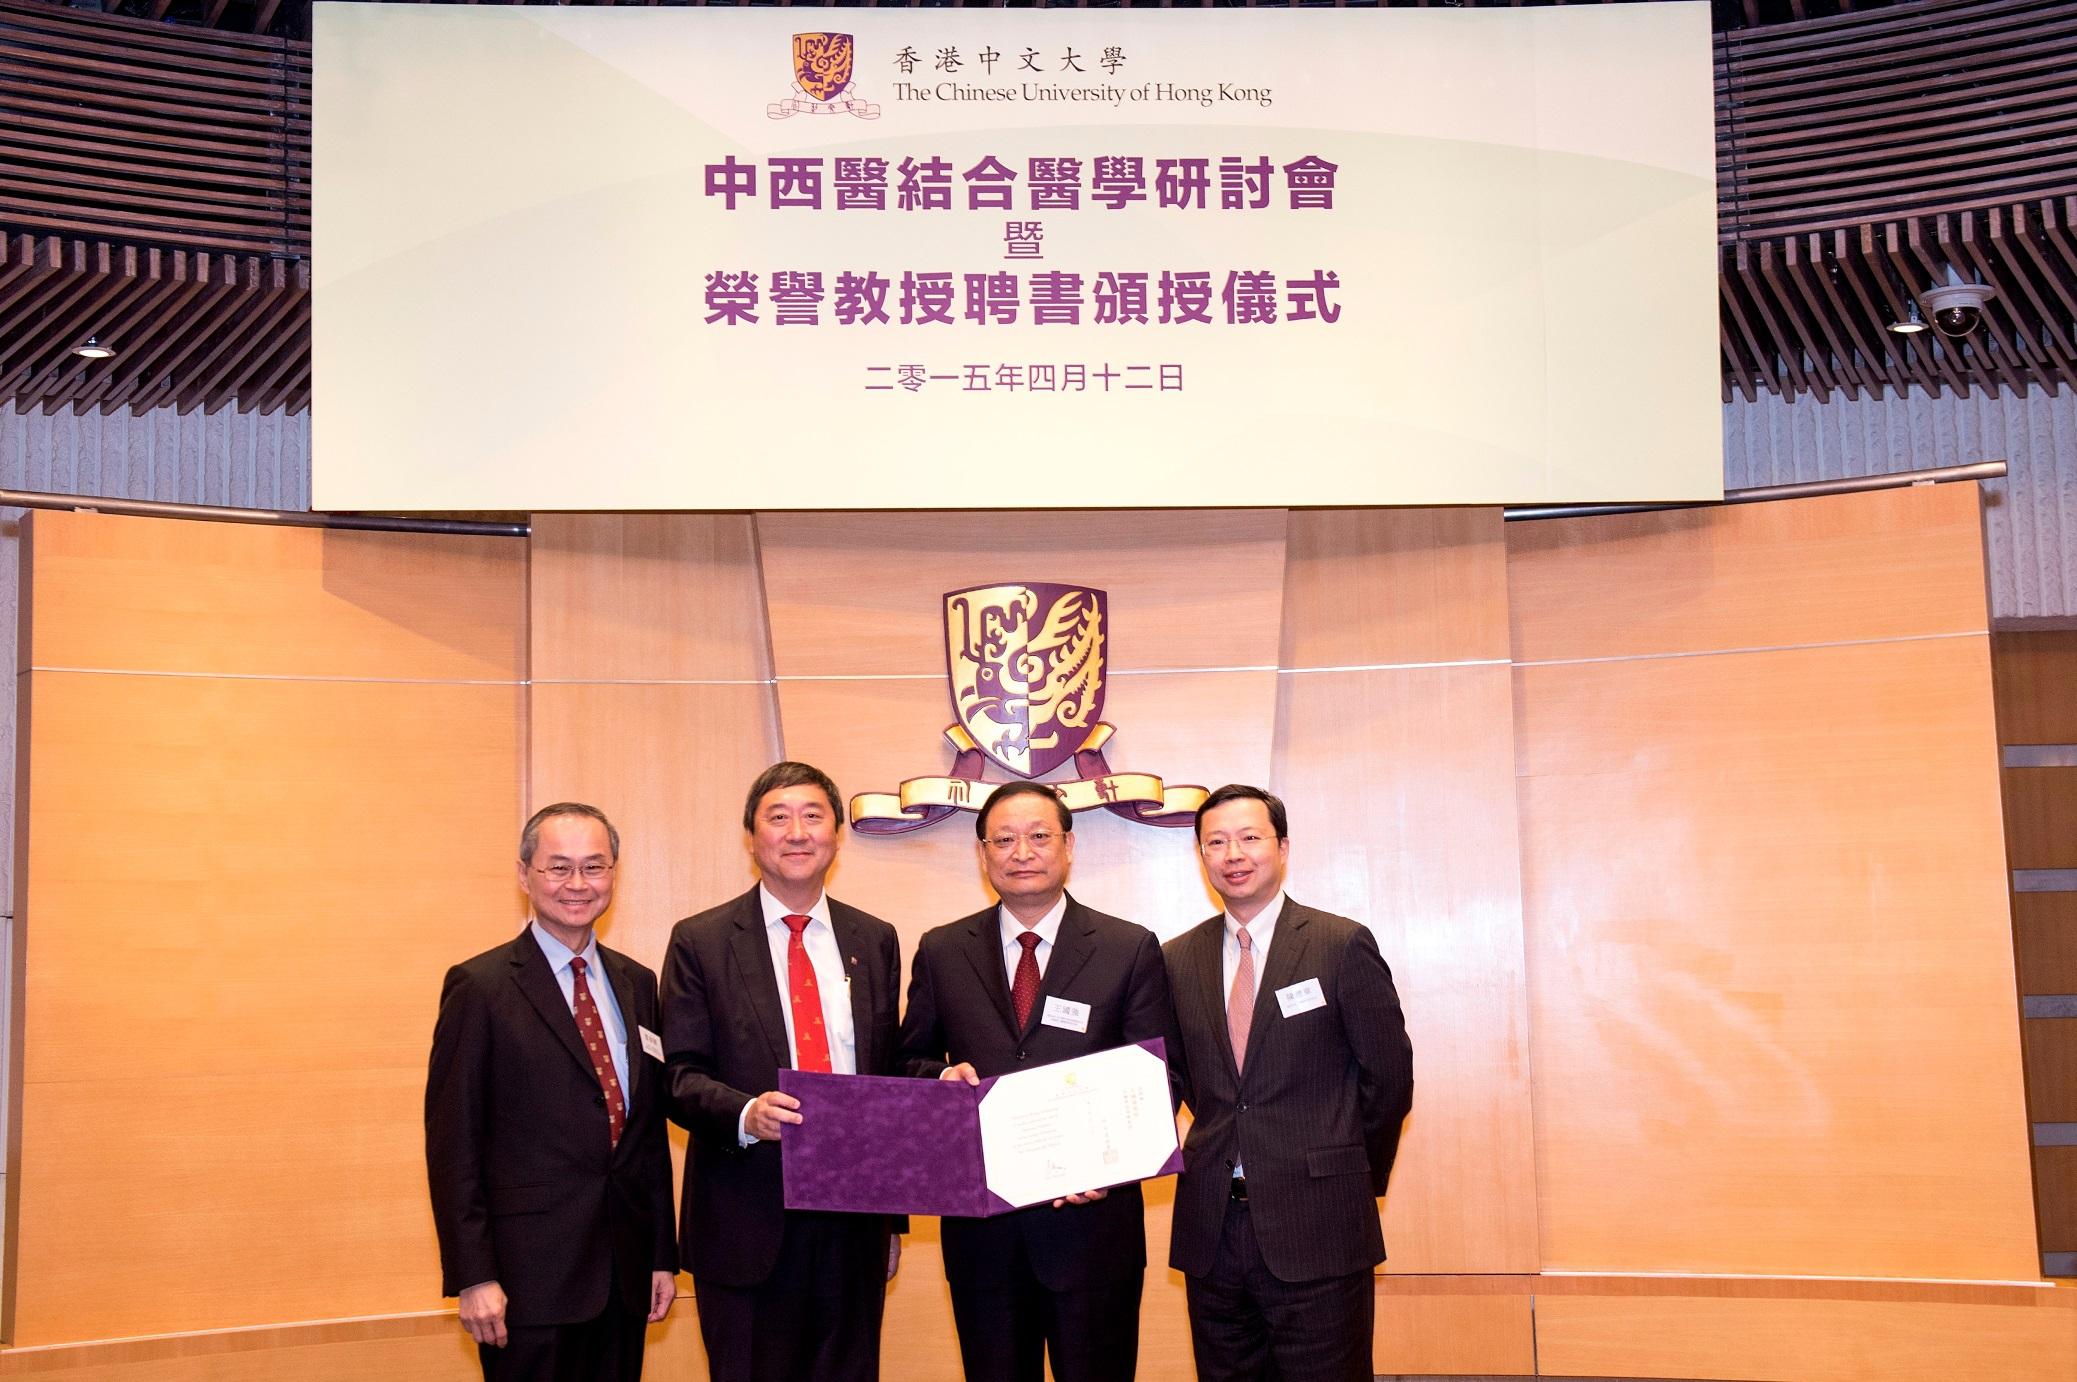 中大校長沈祖堯教授 (左二)、副校長霍泰輝教授(左一)和署理醫學院院長陳德章教授(右一)頒授榮譽教授聘書予王國強教授(右二)。